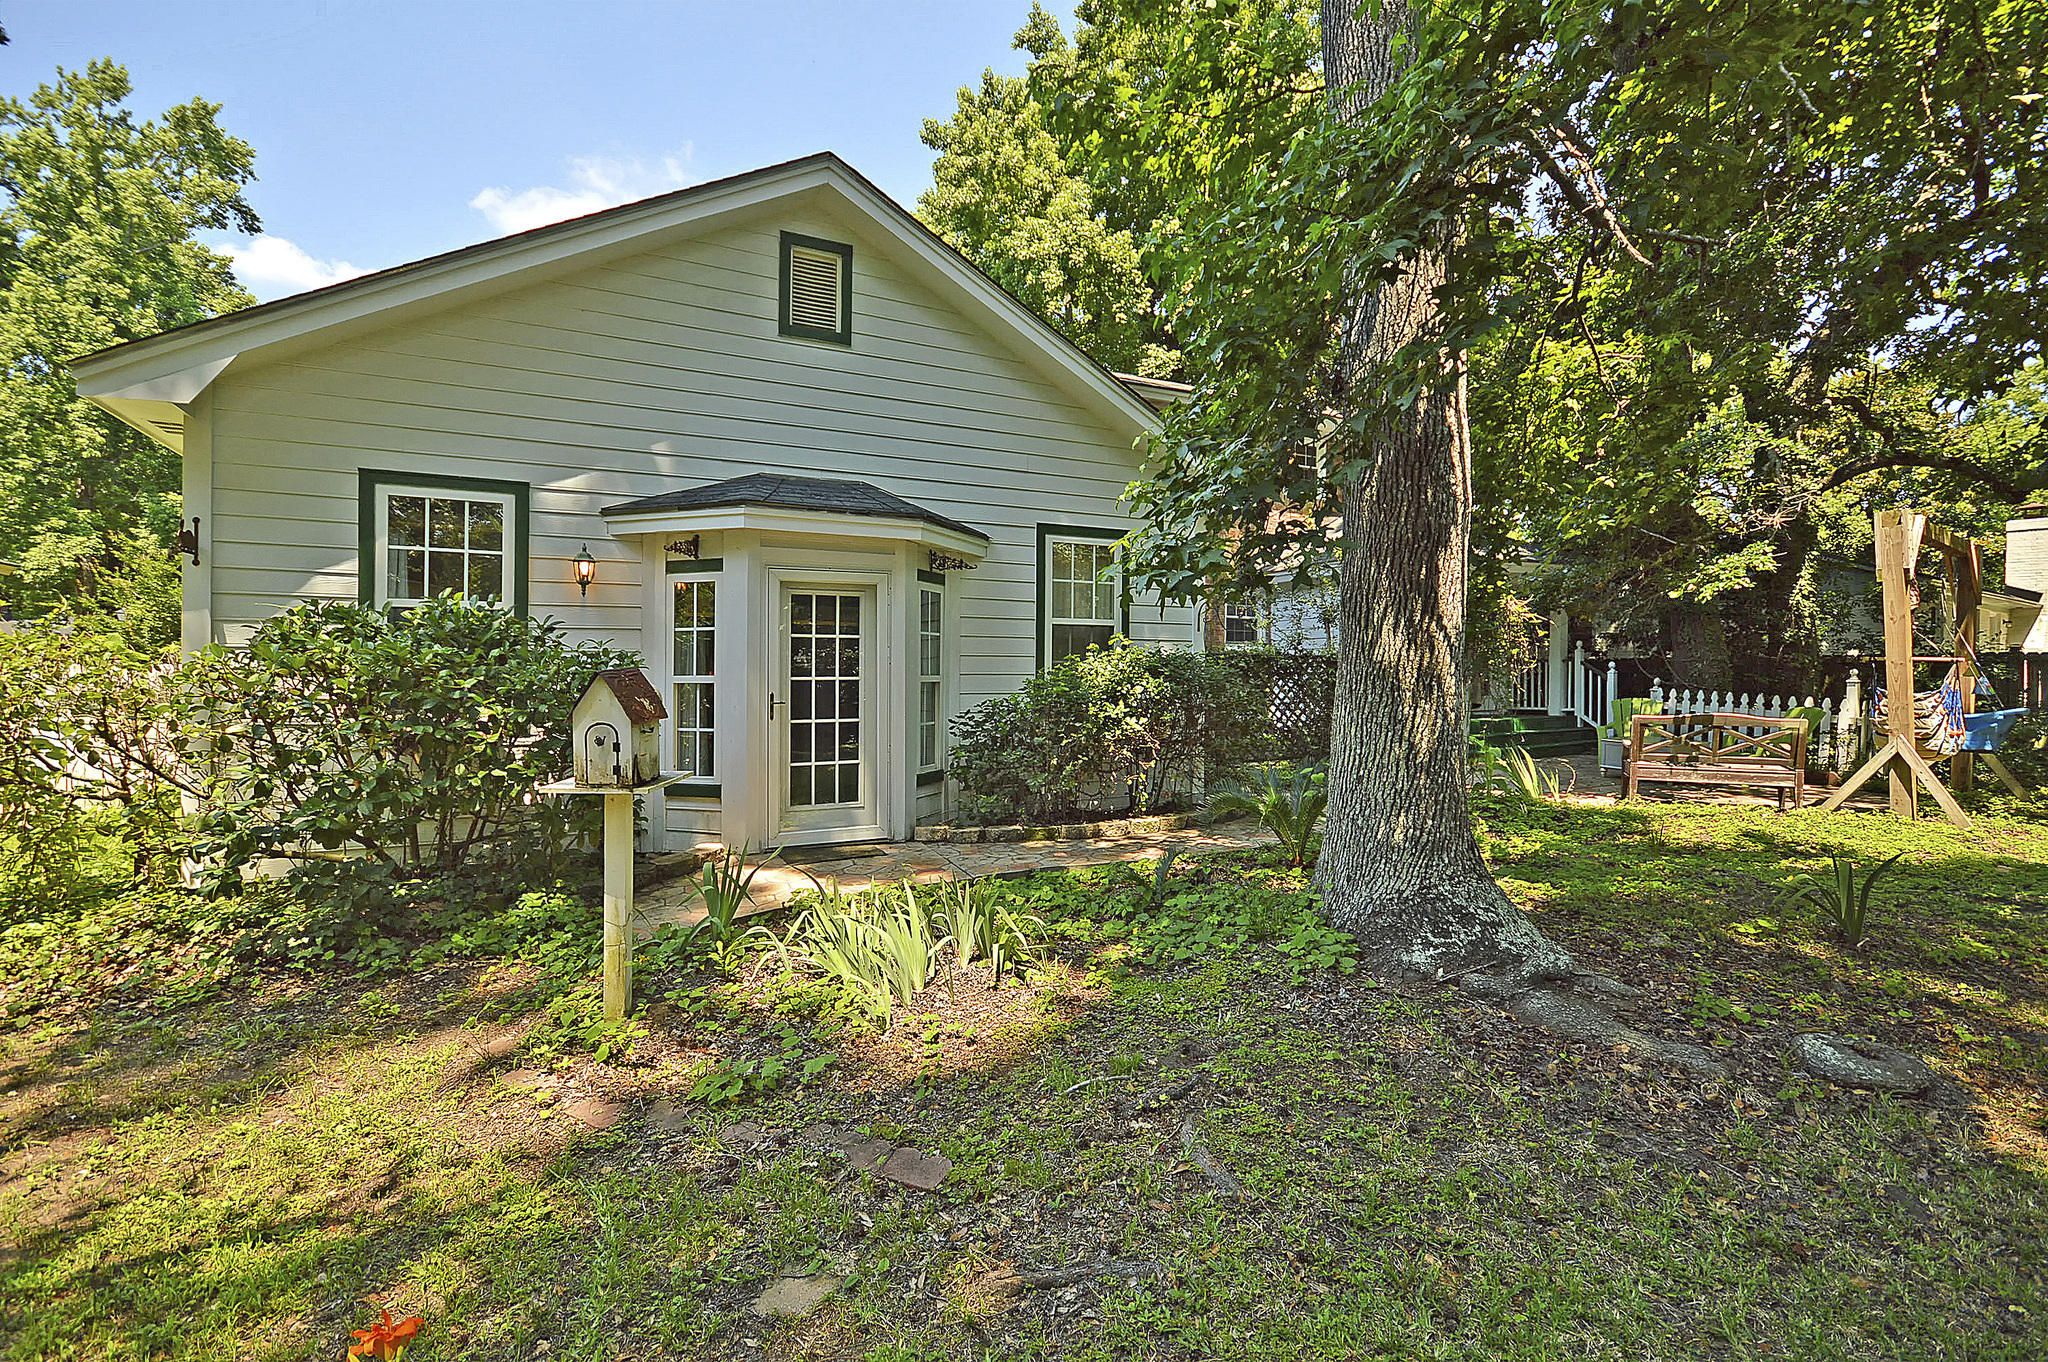 Parish Place Homes For Sale - 814 Abcaw, Mount Pleasant, SC - 0